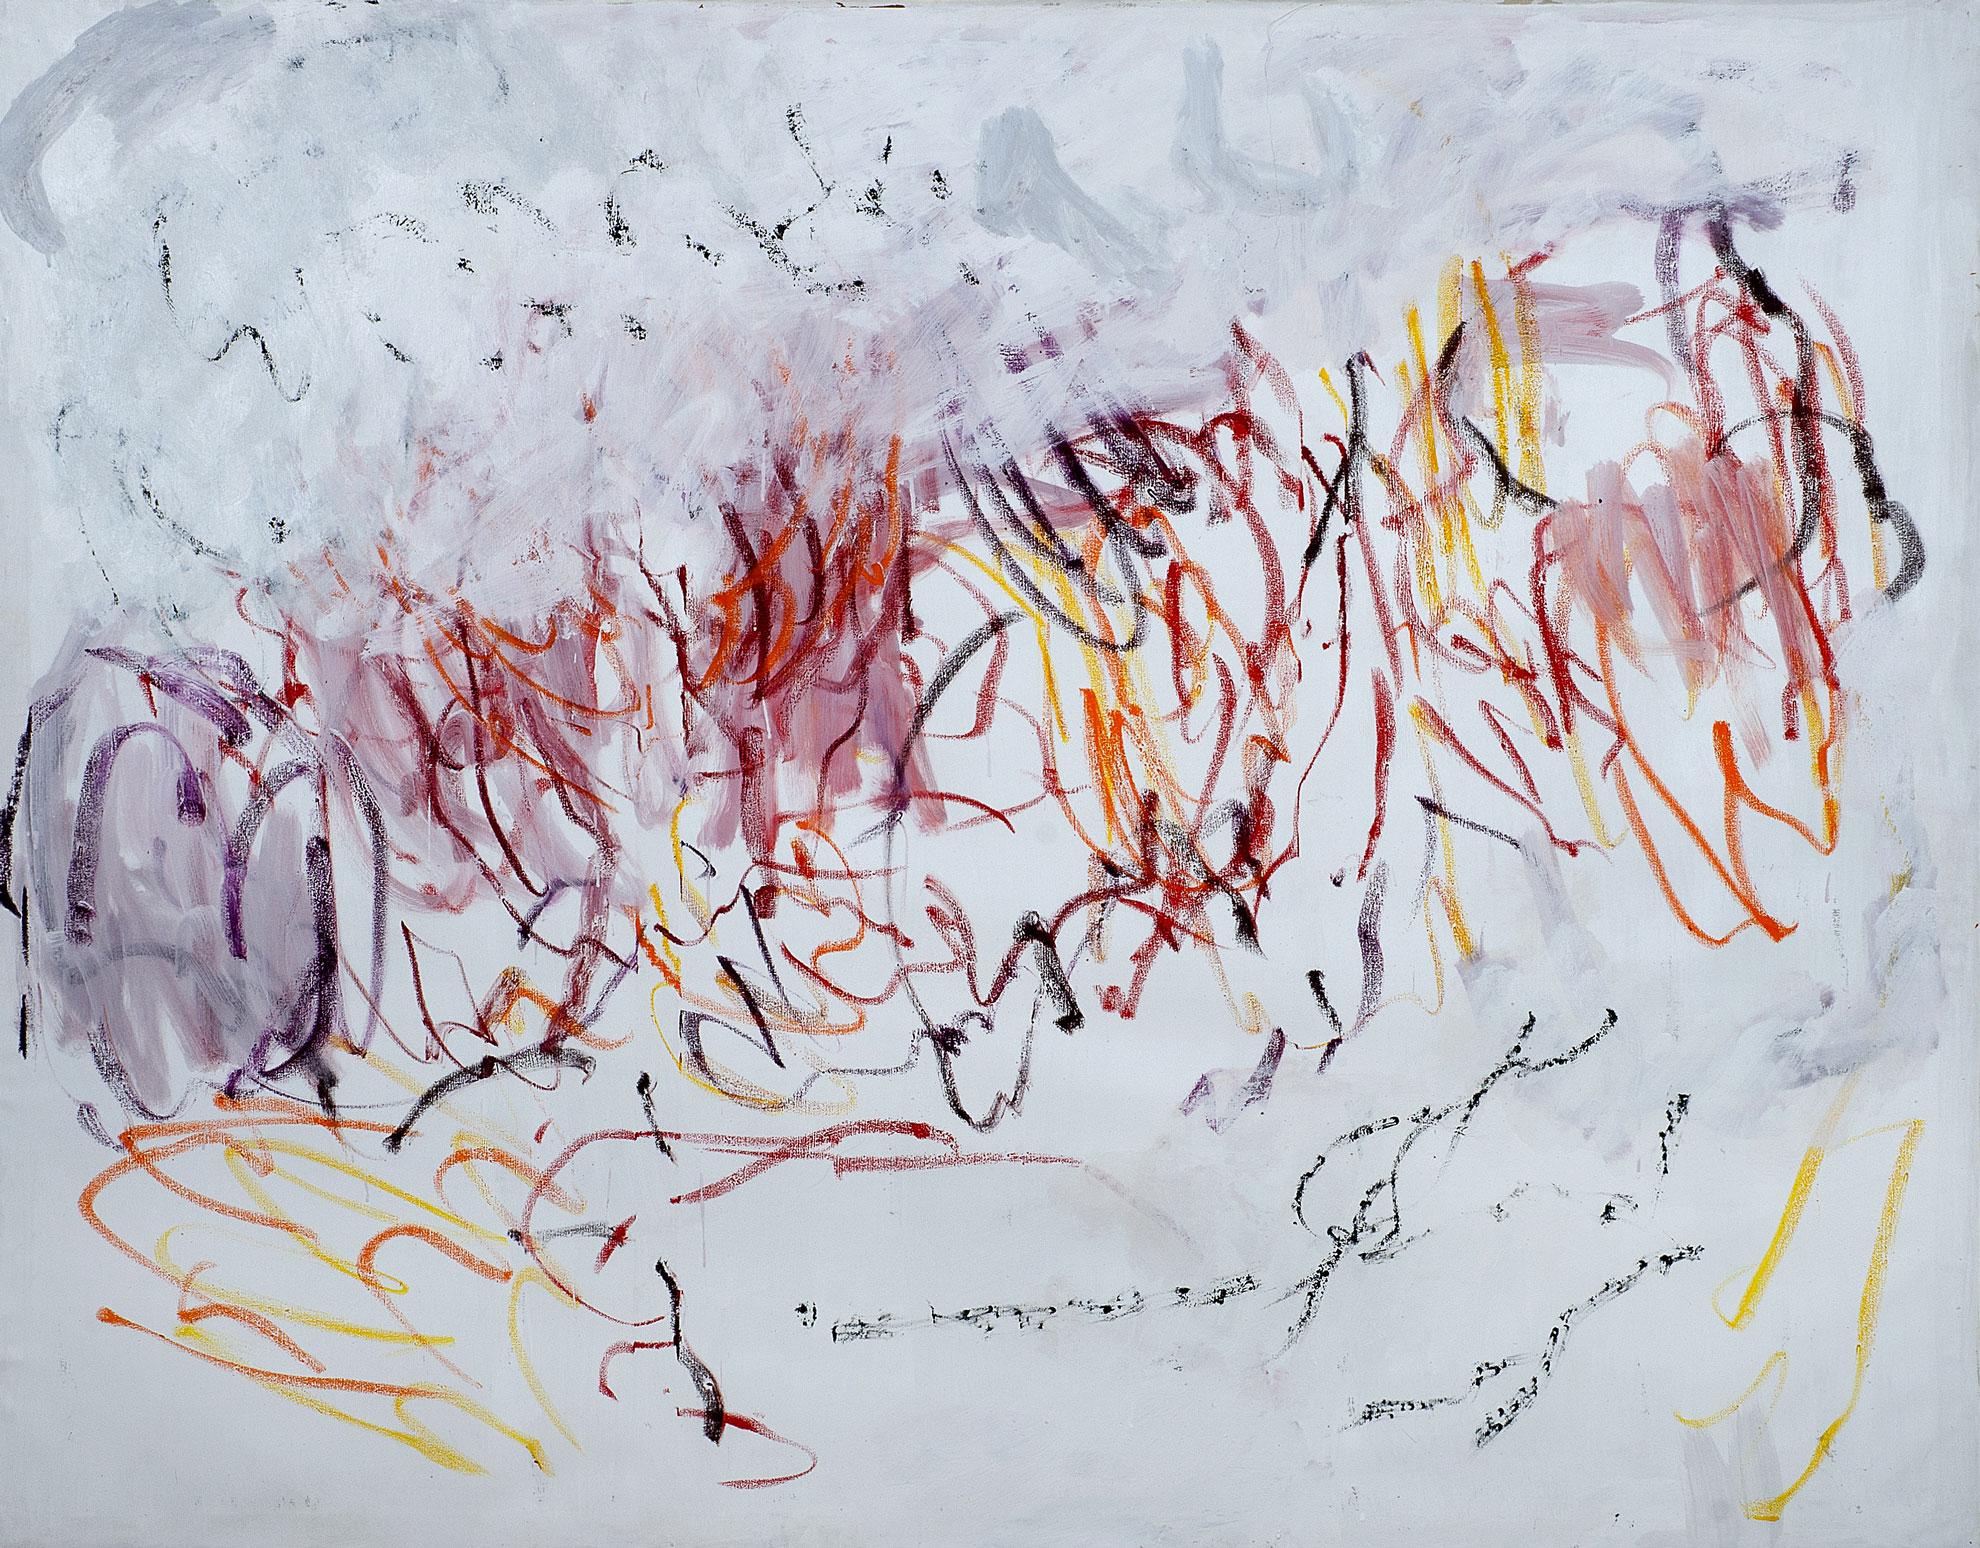 Christian Sorg - Peintures de Fêtes - 2013